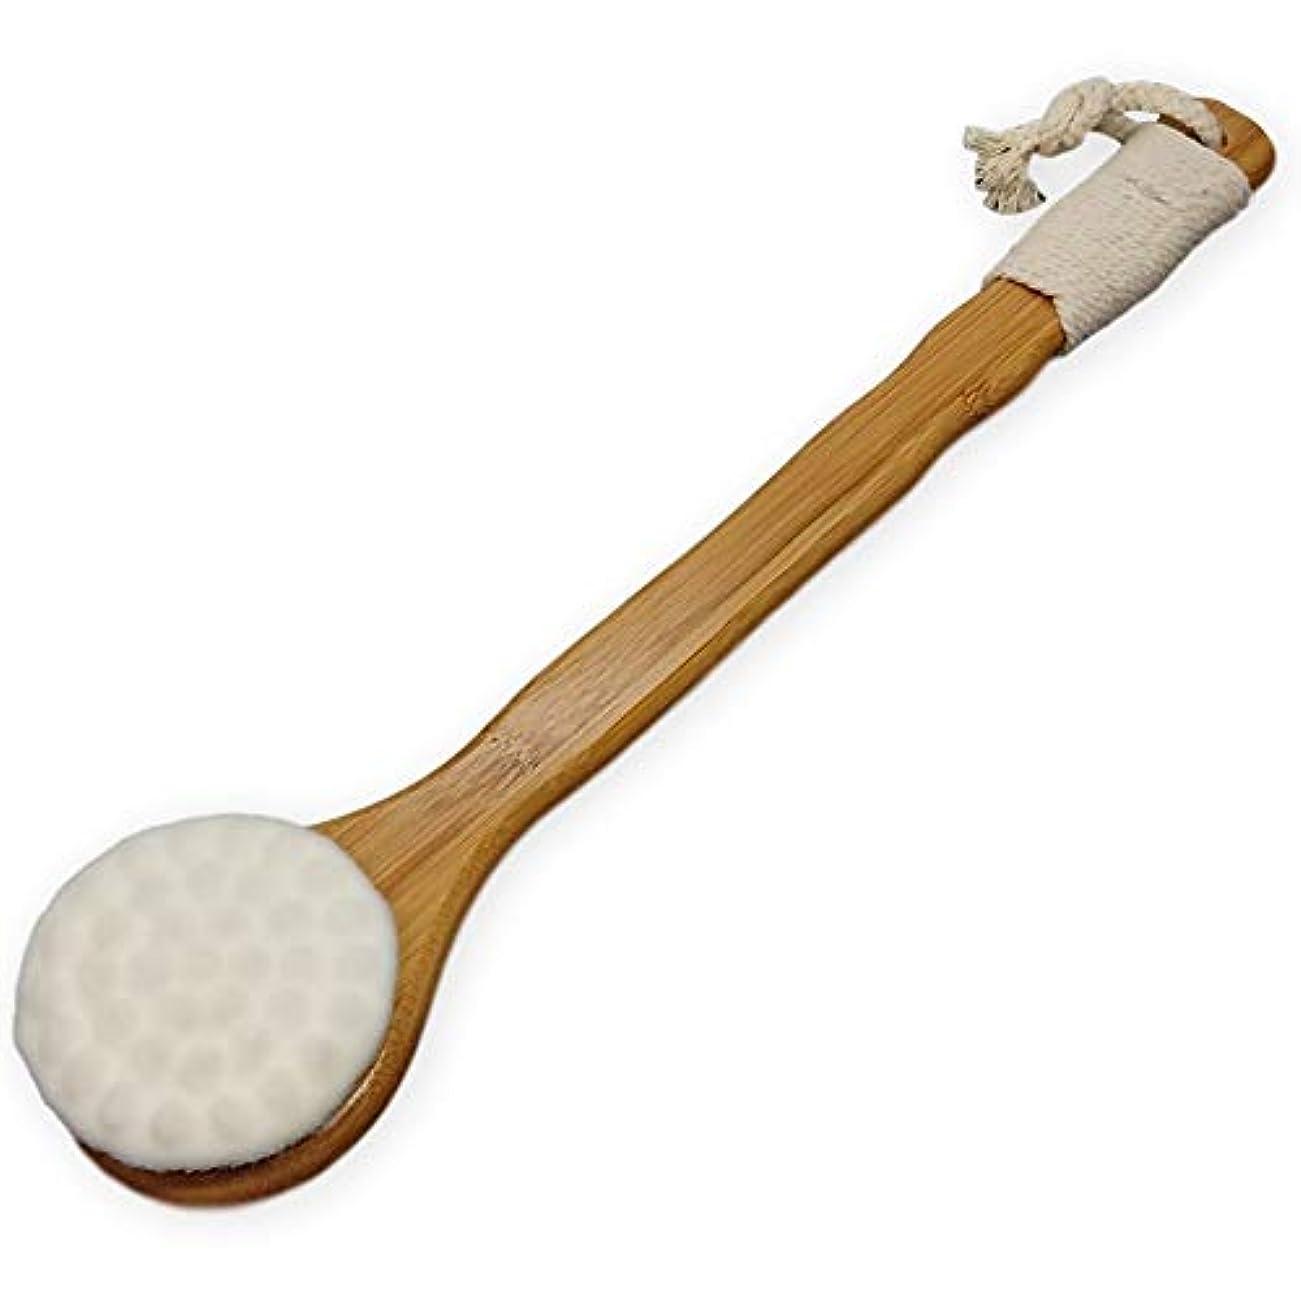 トレーダーモチーフトーナメント(アウプル) ボディースポンジ 洗顔ブラシ 竹製 やわらか 肌に優しい ボディブラシ イボ付き 白